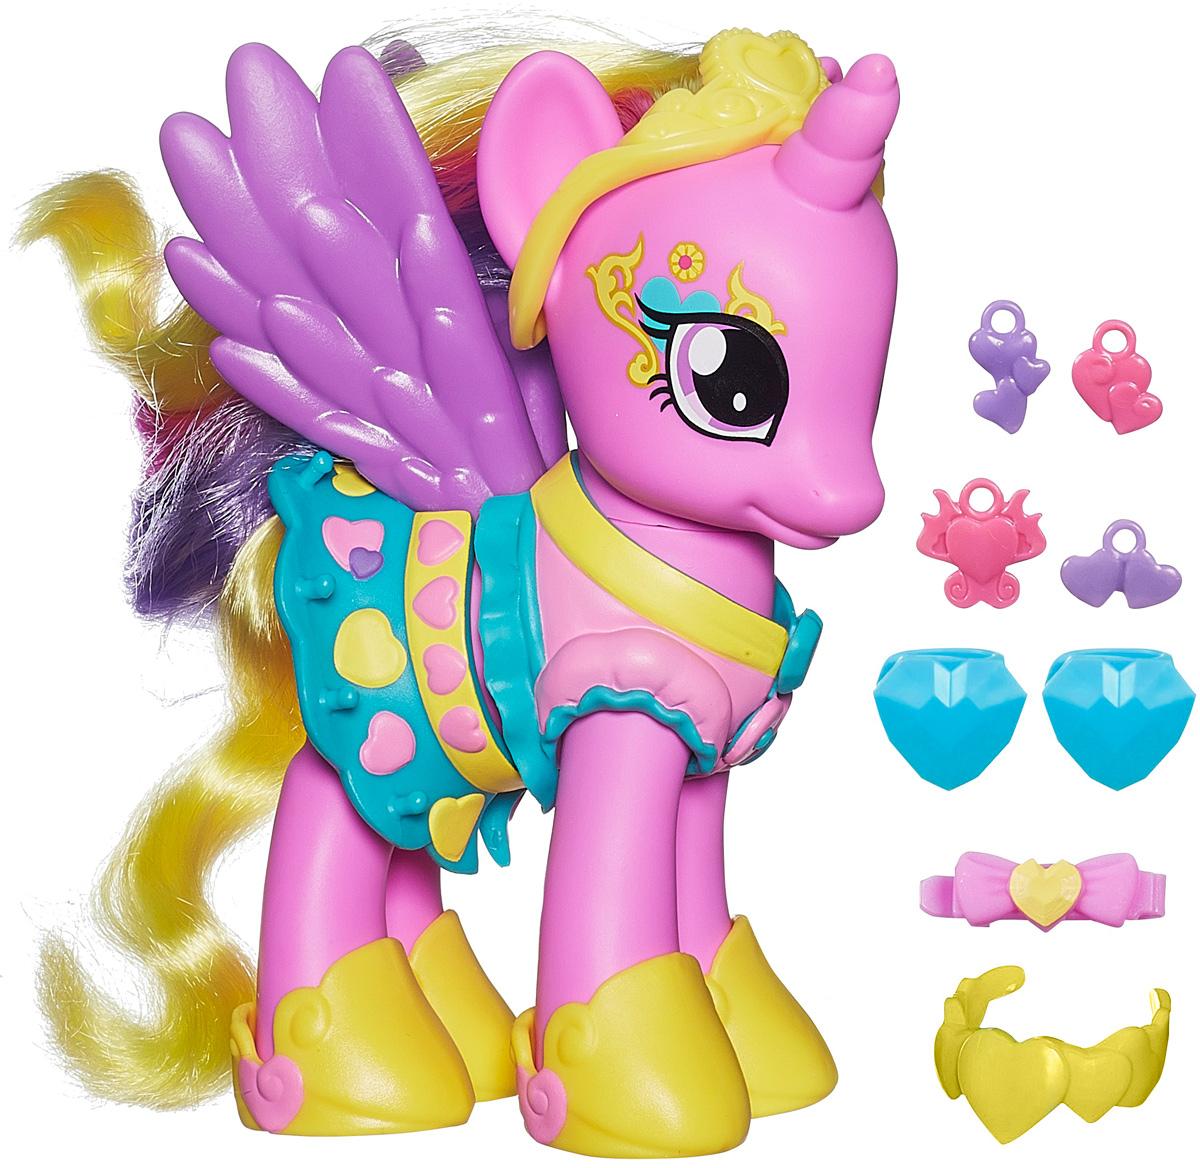 My Little Pony Игровой набор Пони-модница Принцесса КаденсB0360_B0361Игровой набор My Little Pony Пони-модница. Принцесса Каденс привлечет внимание вашей малышки и не позволит ей скучать. Он включает фигурку пони Принцессы Каденс, 2 заколки в виде сердечек, заколку в виде бантика, 4 подвески и изящное ожерелье для пони. Игрушка выполнена из пластика и представляет собой очаровательную пони с большими выразительными глазками, фиолетовыми крылышками и длинной гривой и хвостом. Пони одета в нарядное платье принцессы, на голове у нее - тиара, а на ногах - изящные ботиночки. Ваша малышка сможет сделать пони красивую прическу с помощью расчески и заколок, и украсить пони ожерельем, а оригинальные подвески отлично подойдут для украшения наряда лошадки. Головка игрушки поворачивается. Ваша малышка будет часами играть с набором, придумывая различные истории. Порадуйте ее таким замечательным подарком!